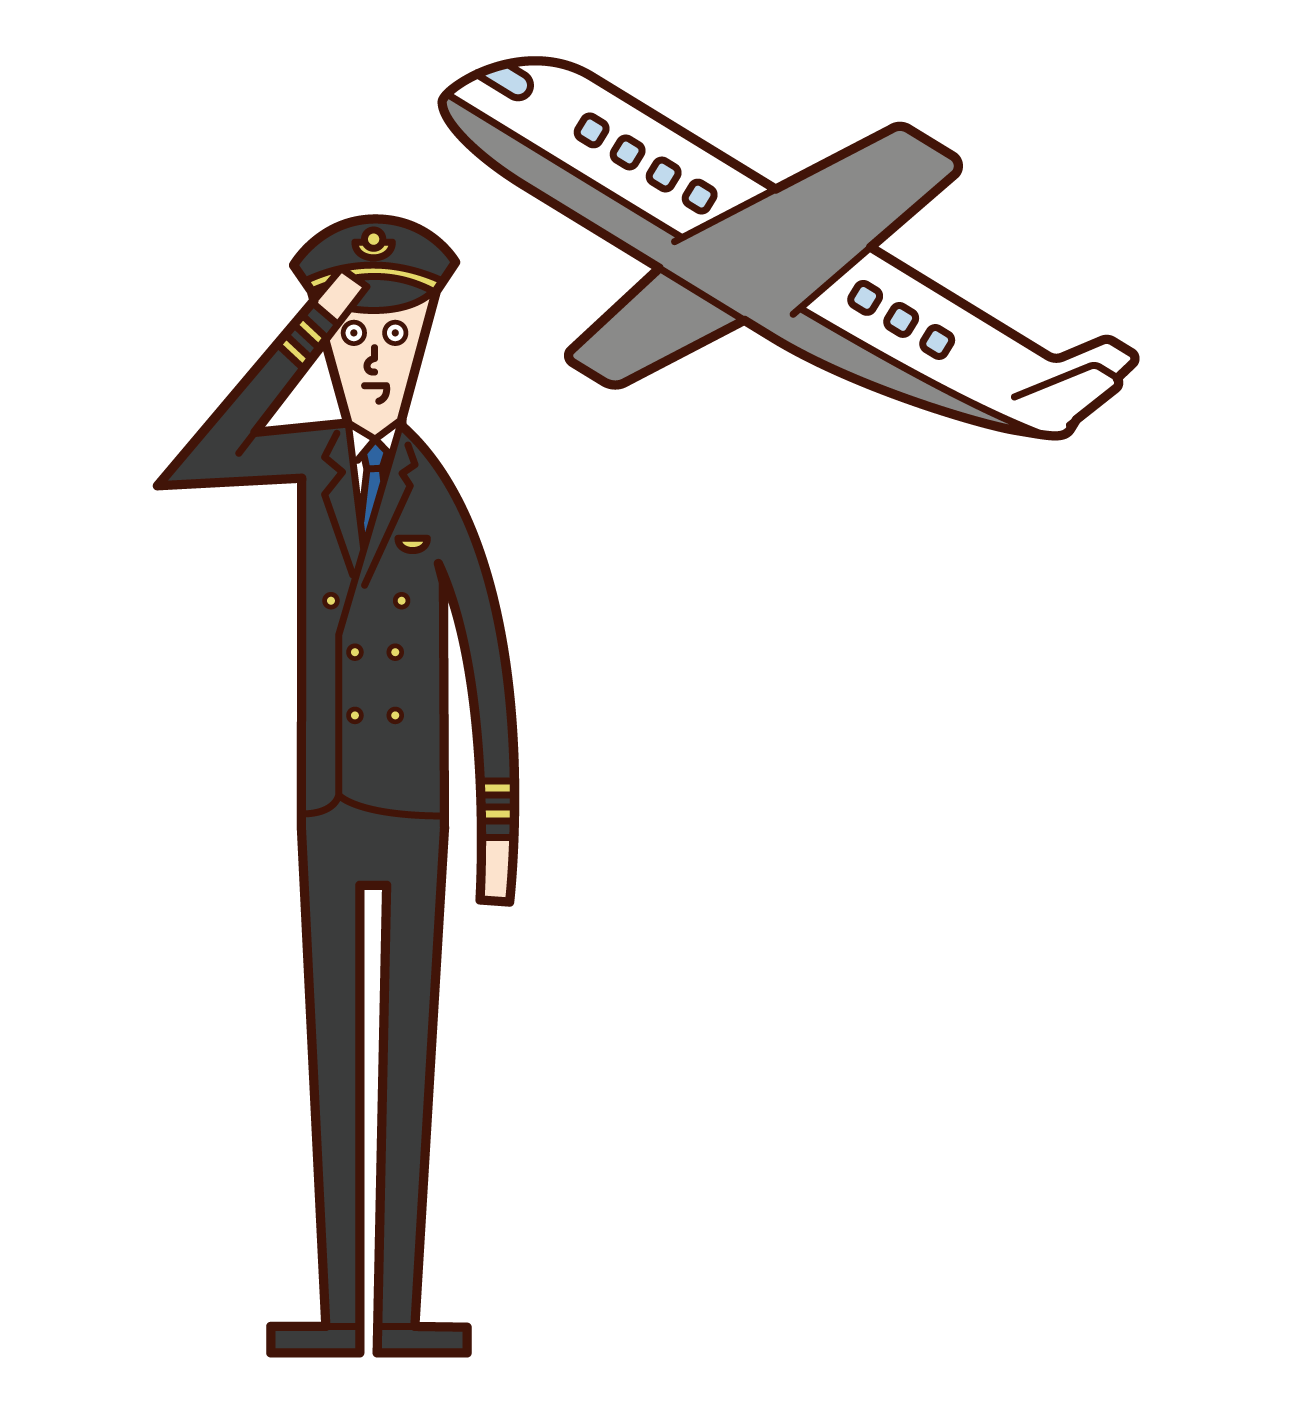 飛行機のパイロット(男性)のイラスト